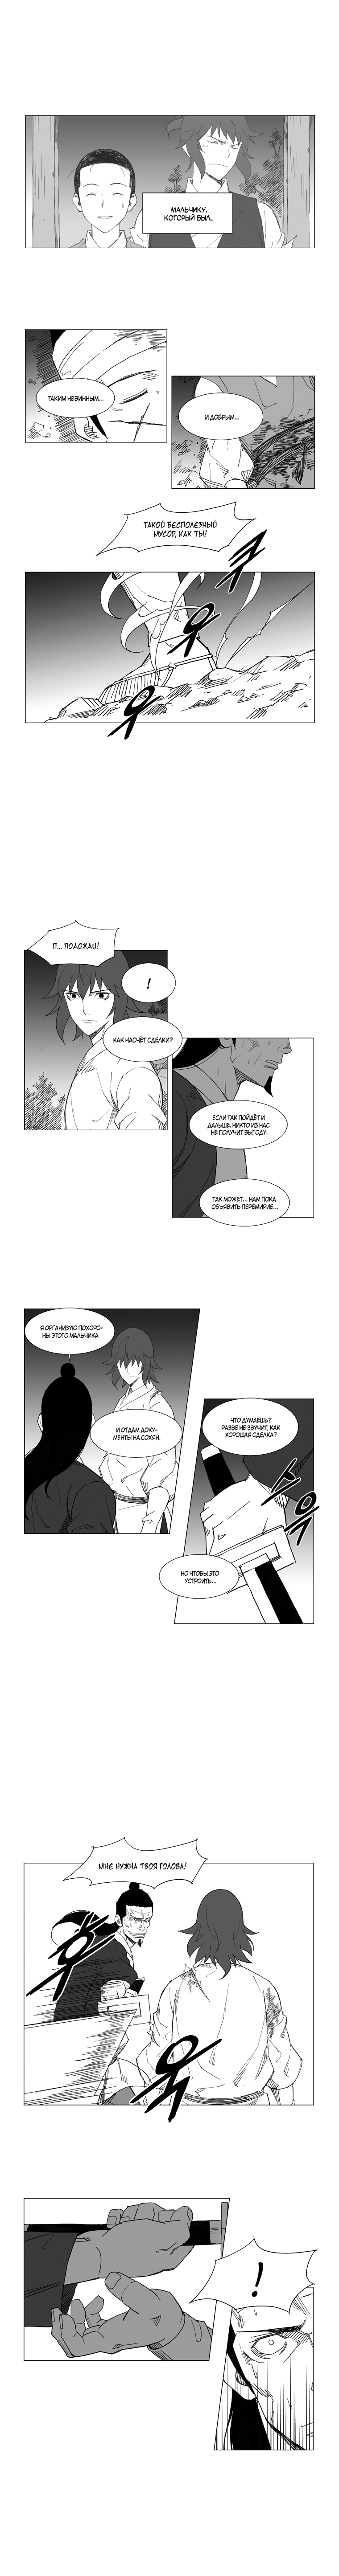 https://r1.ninemanga.com/comics/pic2/39/28263/317248/1485457547829.png Page 3